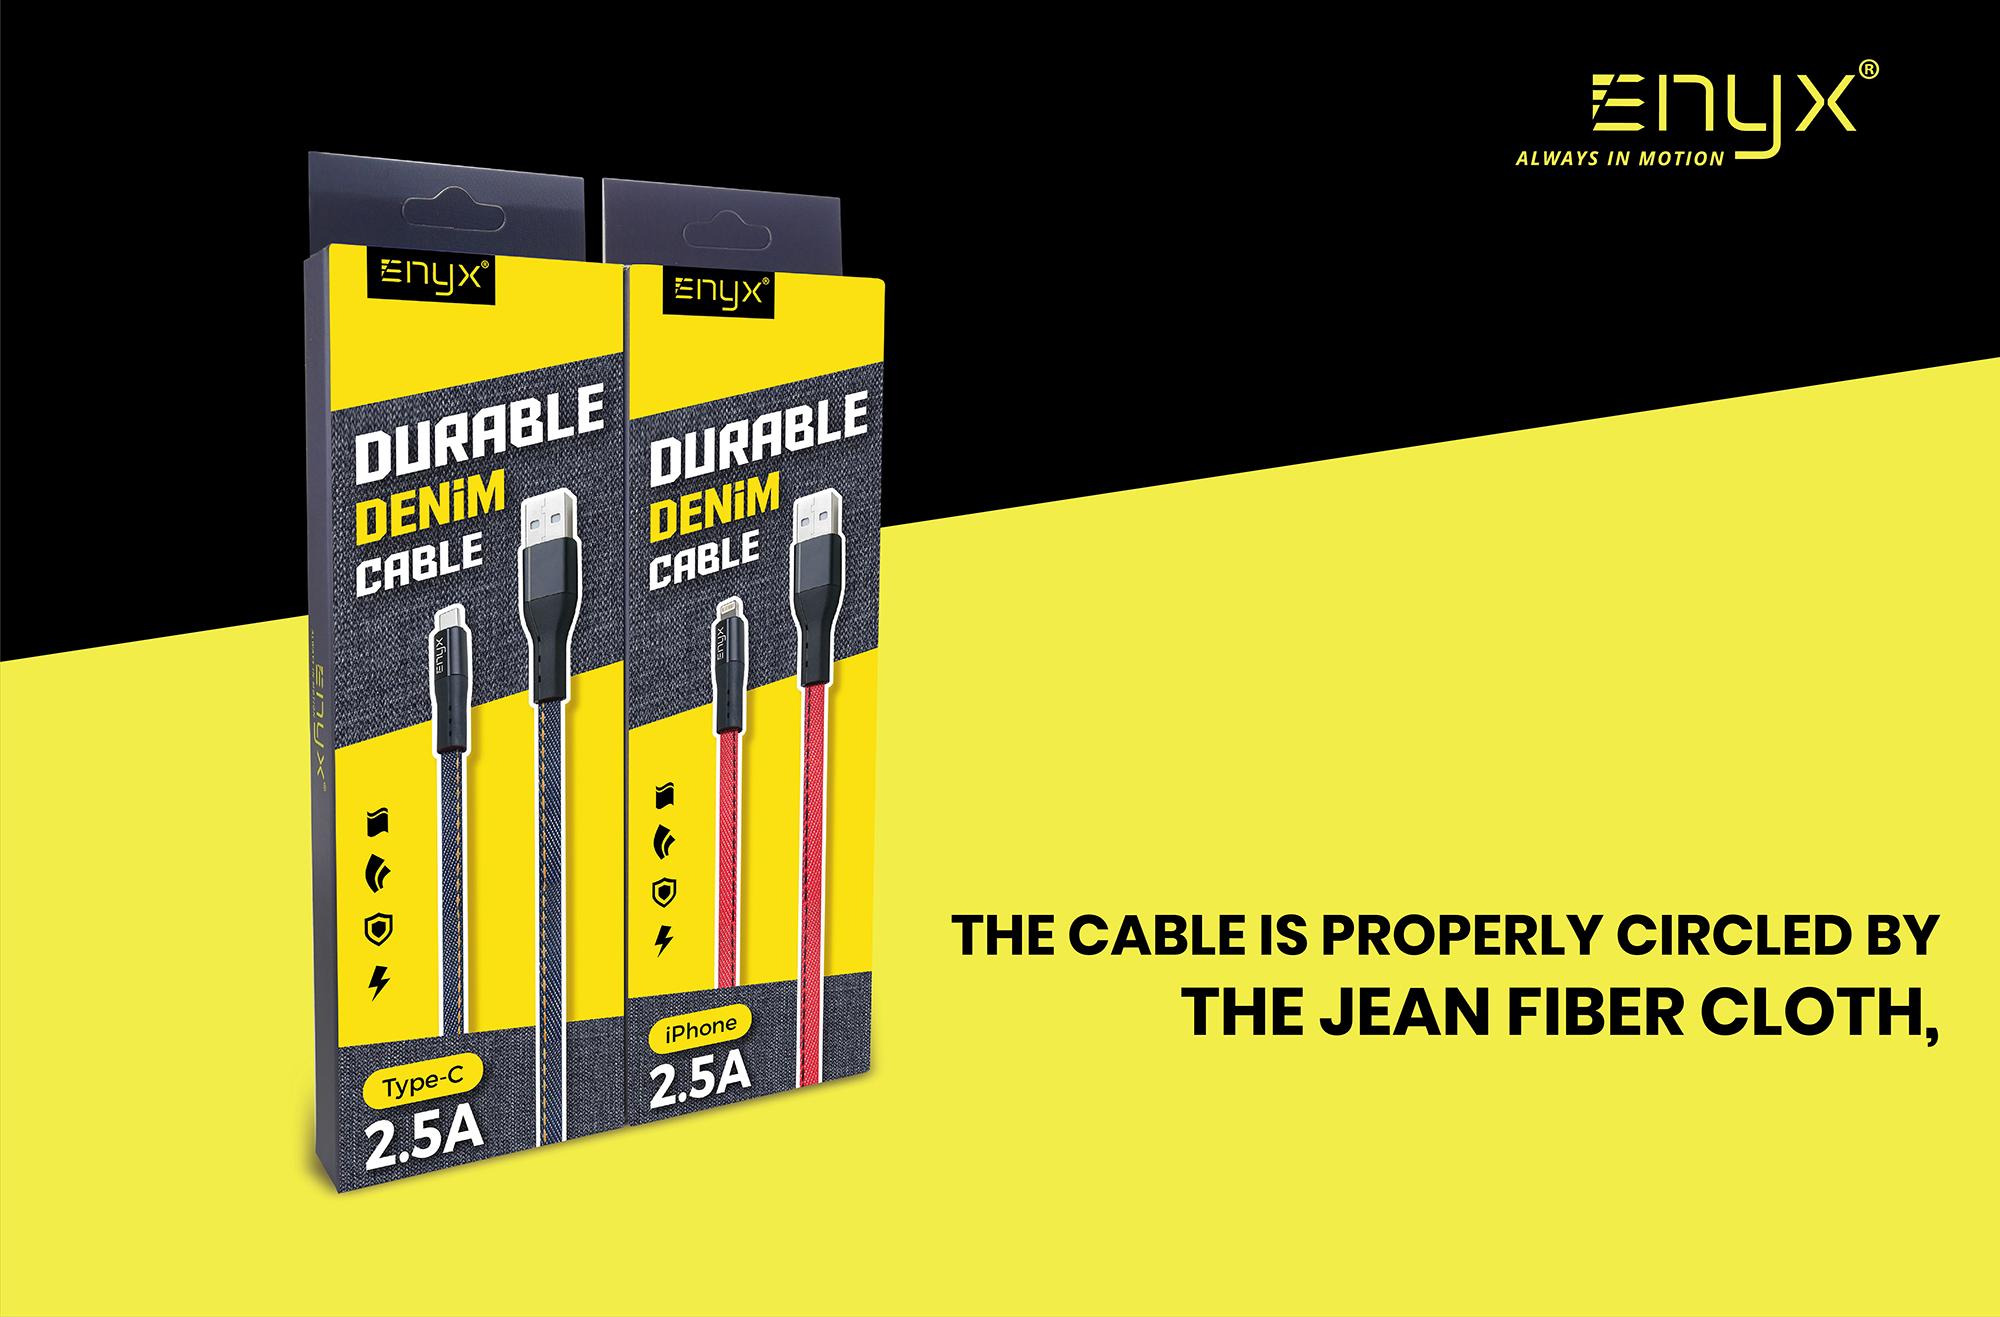 สายชาร์จ ENYX 2.5A Usb Cable อีนิกซ์ fast charge Jean ยีนส์